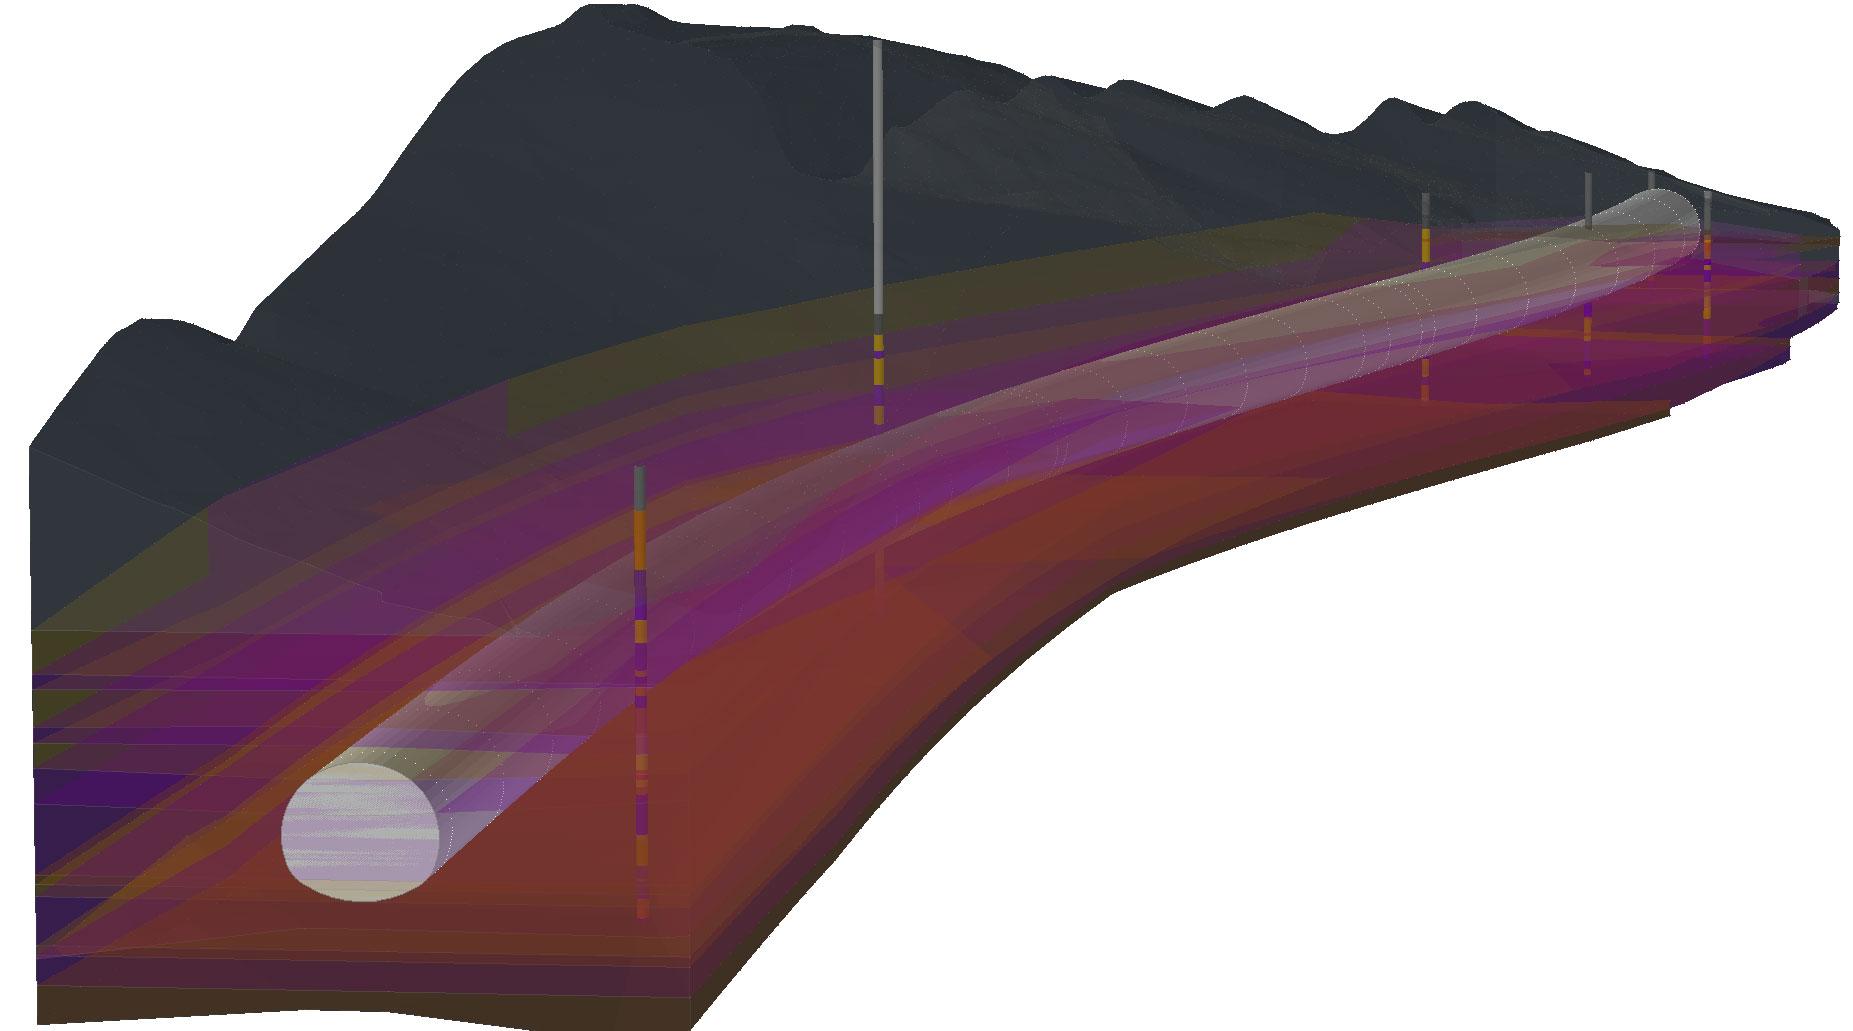 Raeumliches-Modell-mit-Tunnel-drinnen